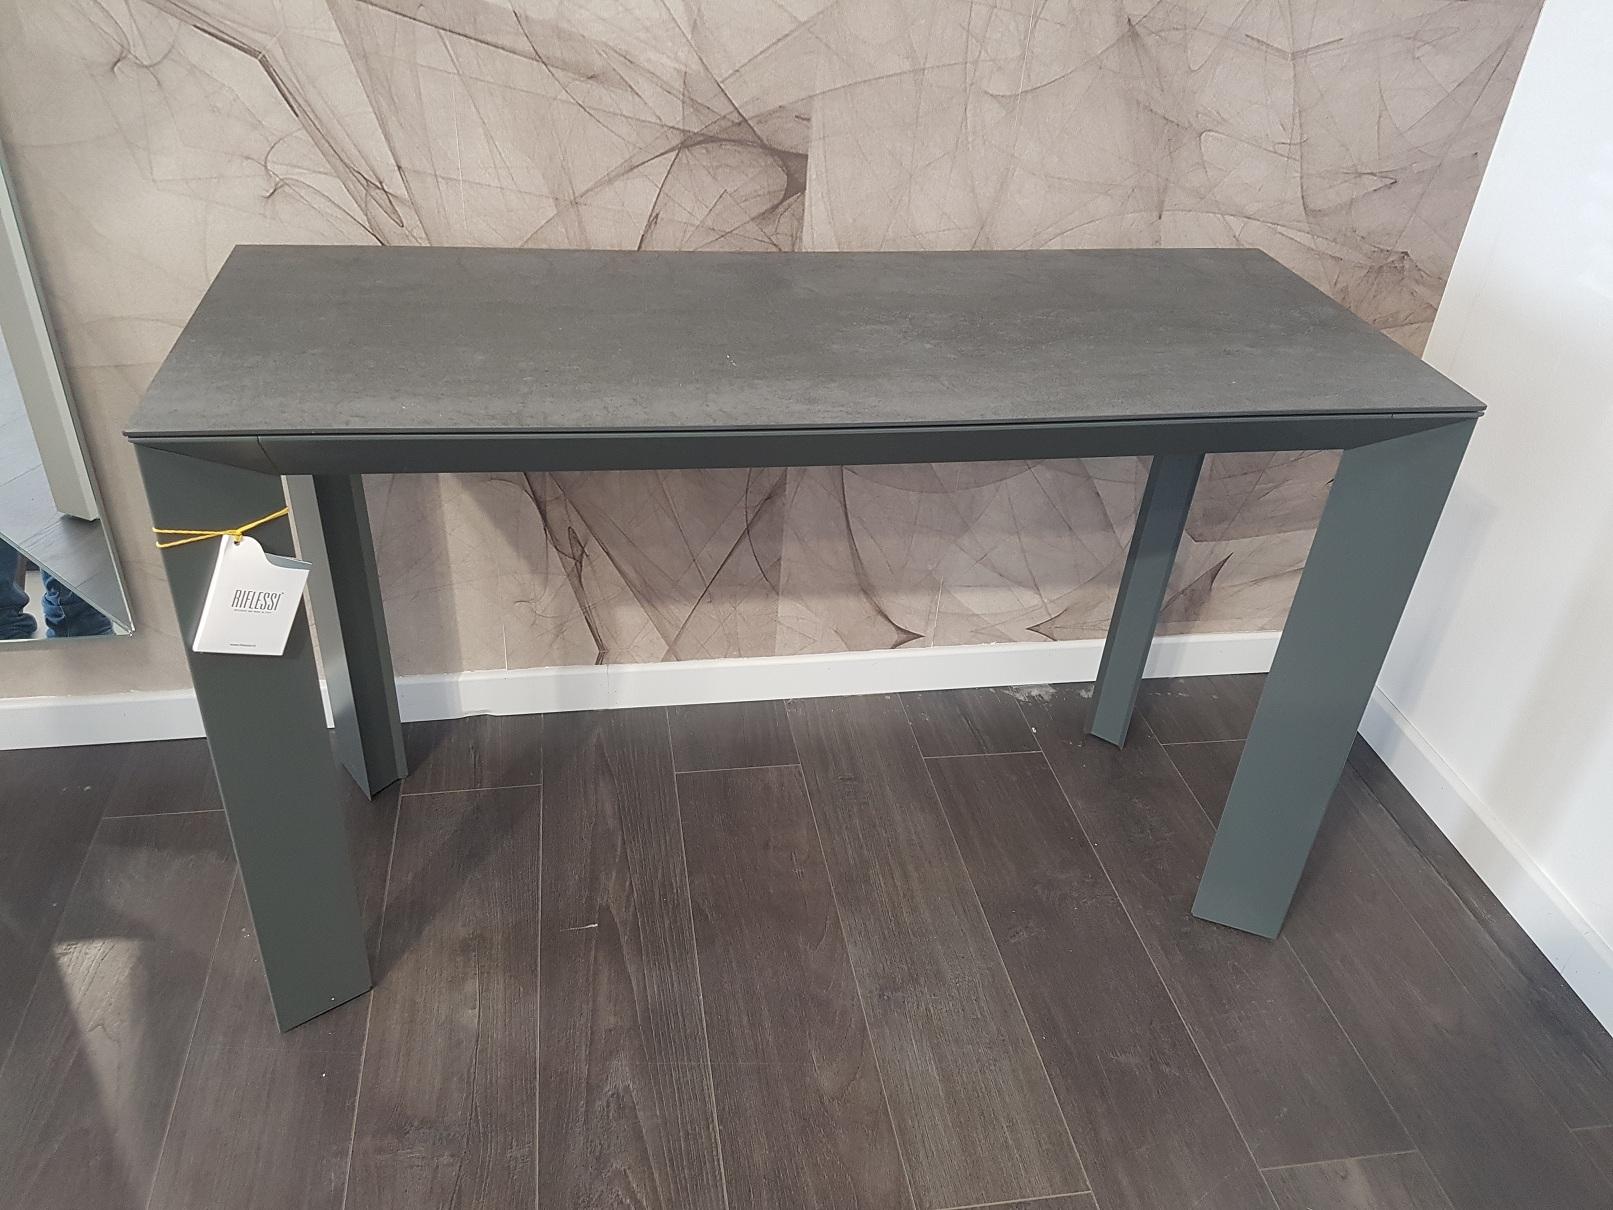 Riflessi tavoli allungabili nella stessa categoria tavolo riflessi prezzo tavolo shangai - Tavolo riflessi prezzo ...